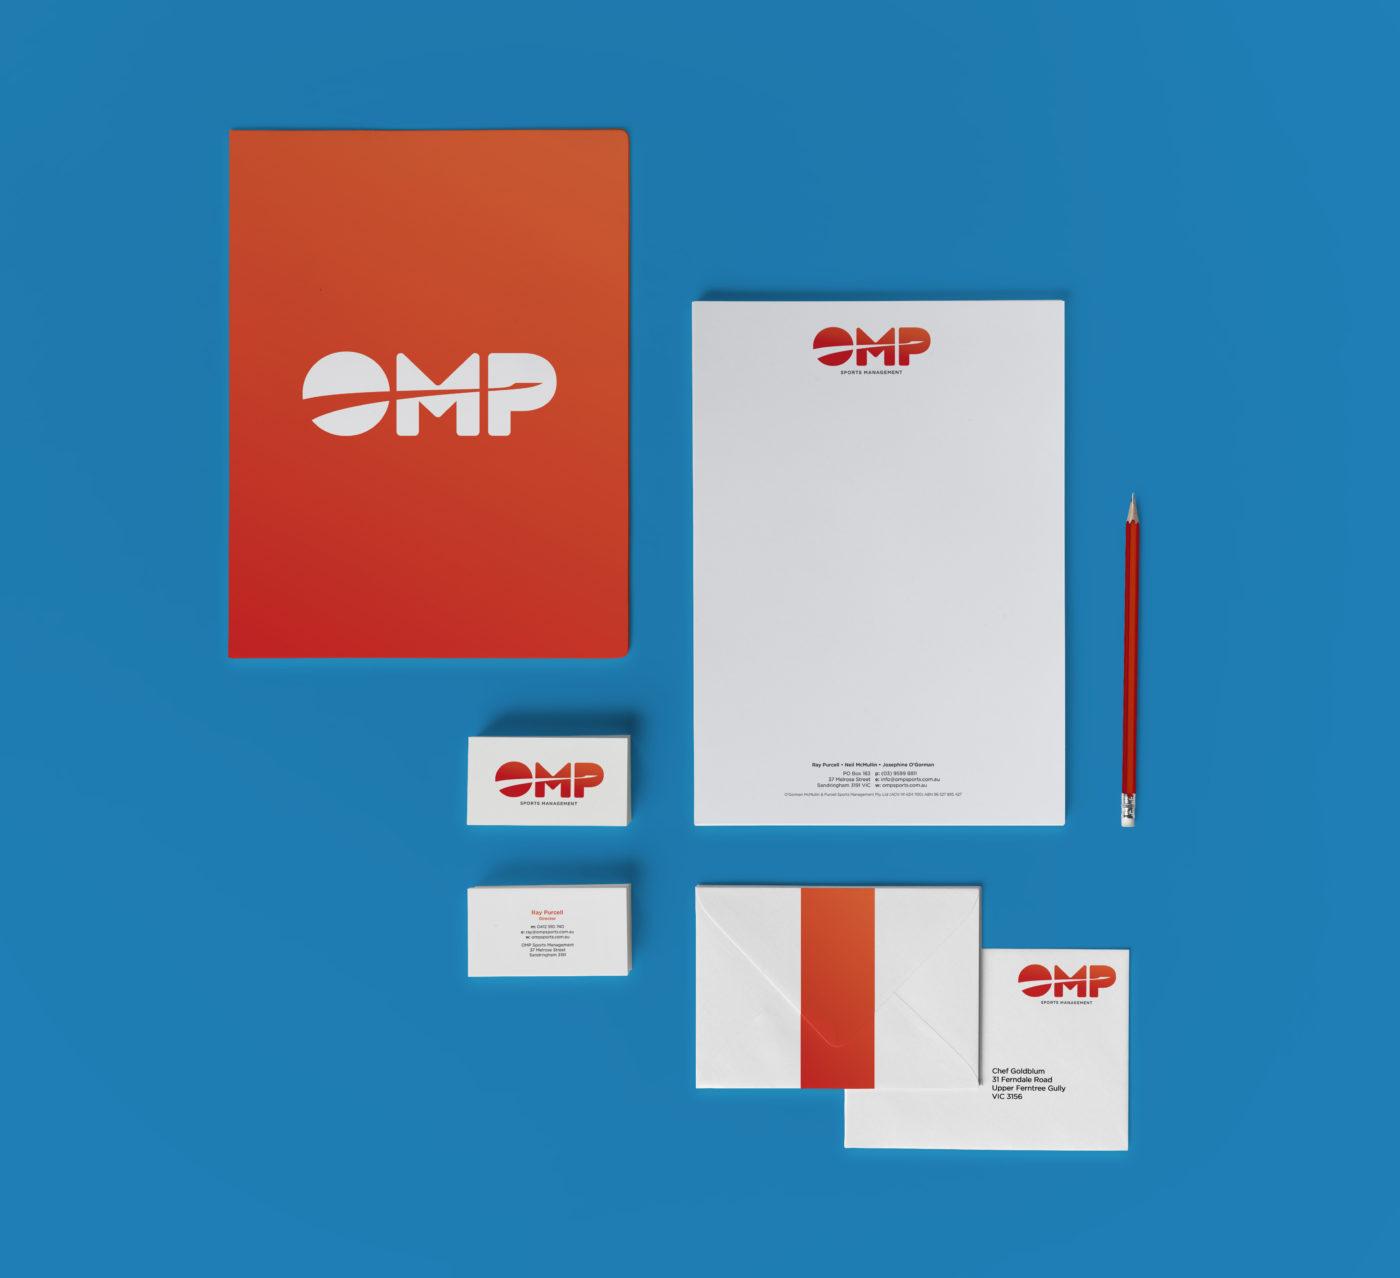 omp-all-branding